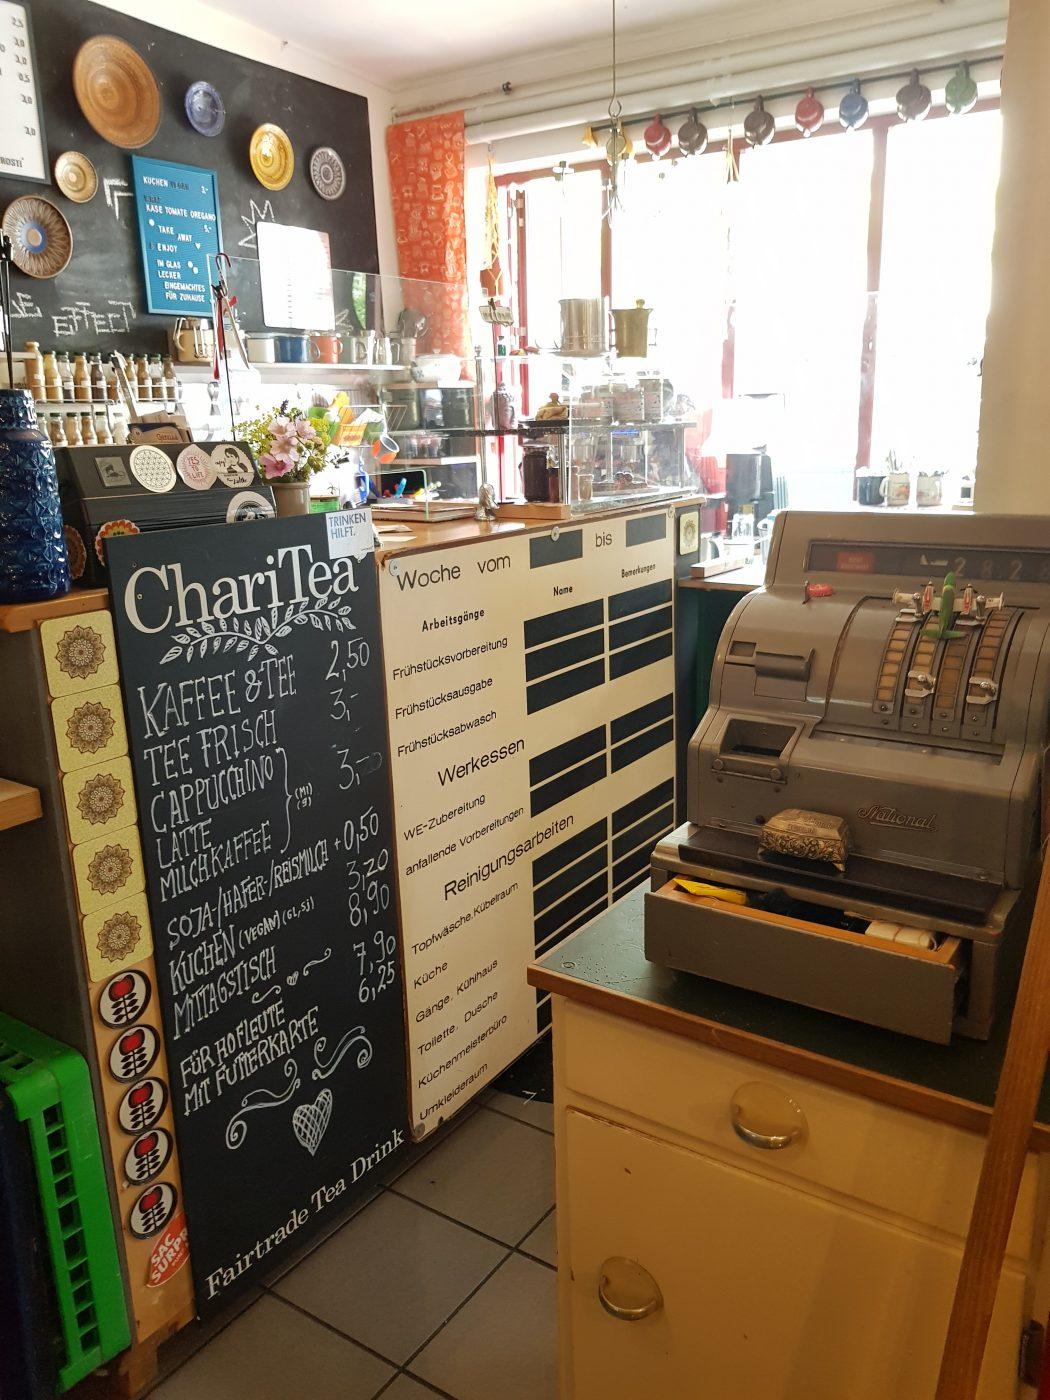 Das Foto zeigt den Innenraum des Hofcafés in Dortmund